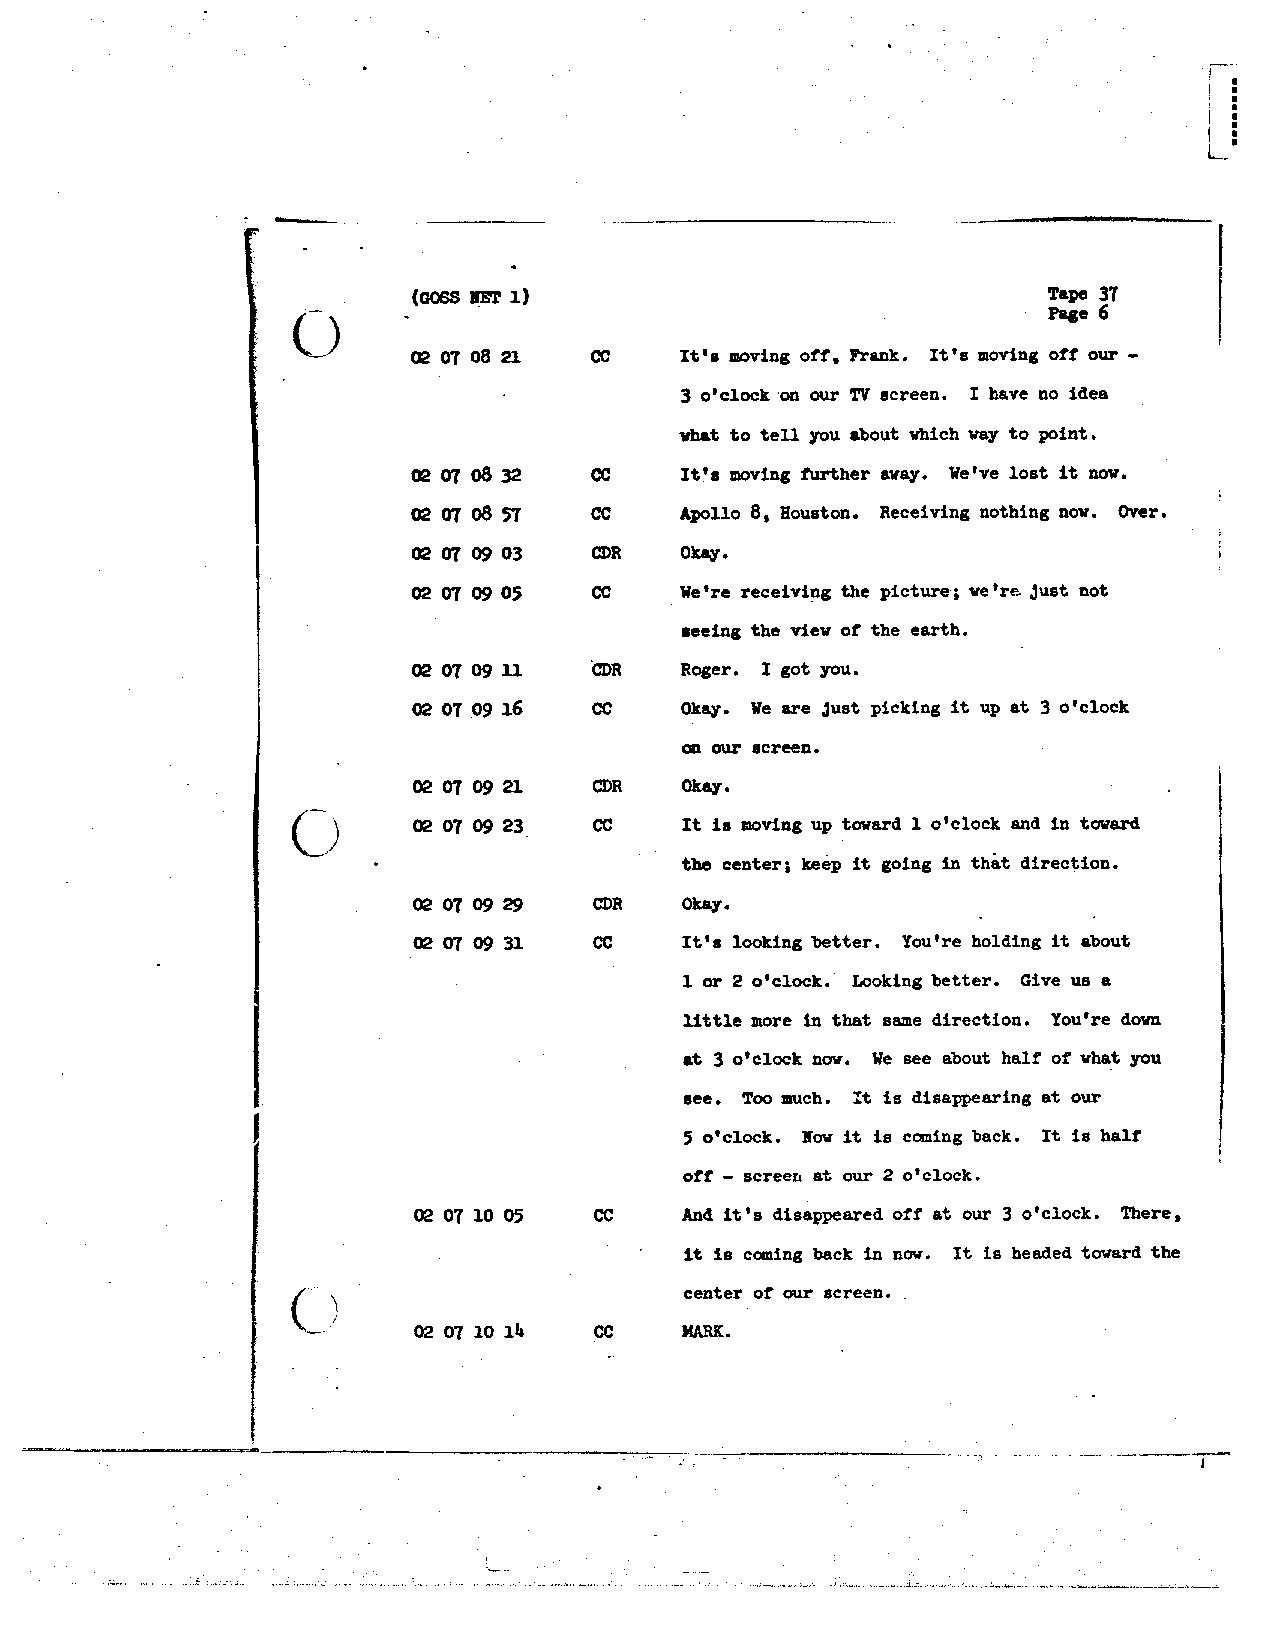 Page 288 of Apollo 8's original transcript